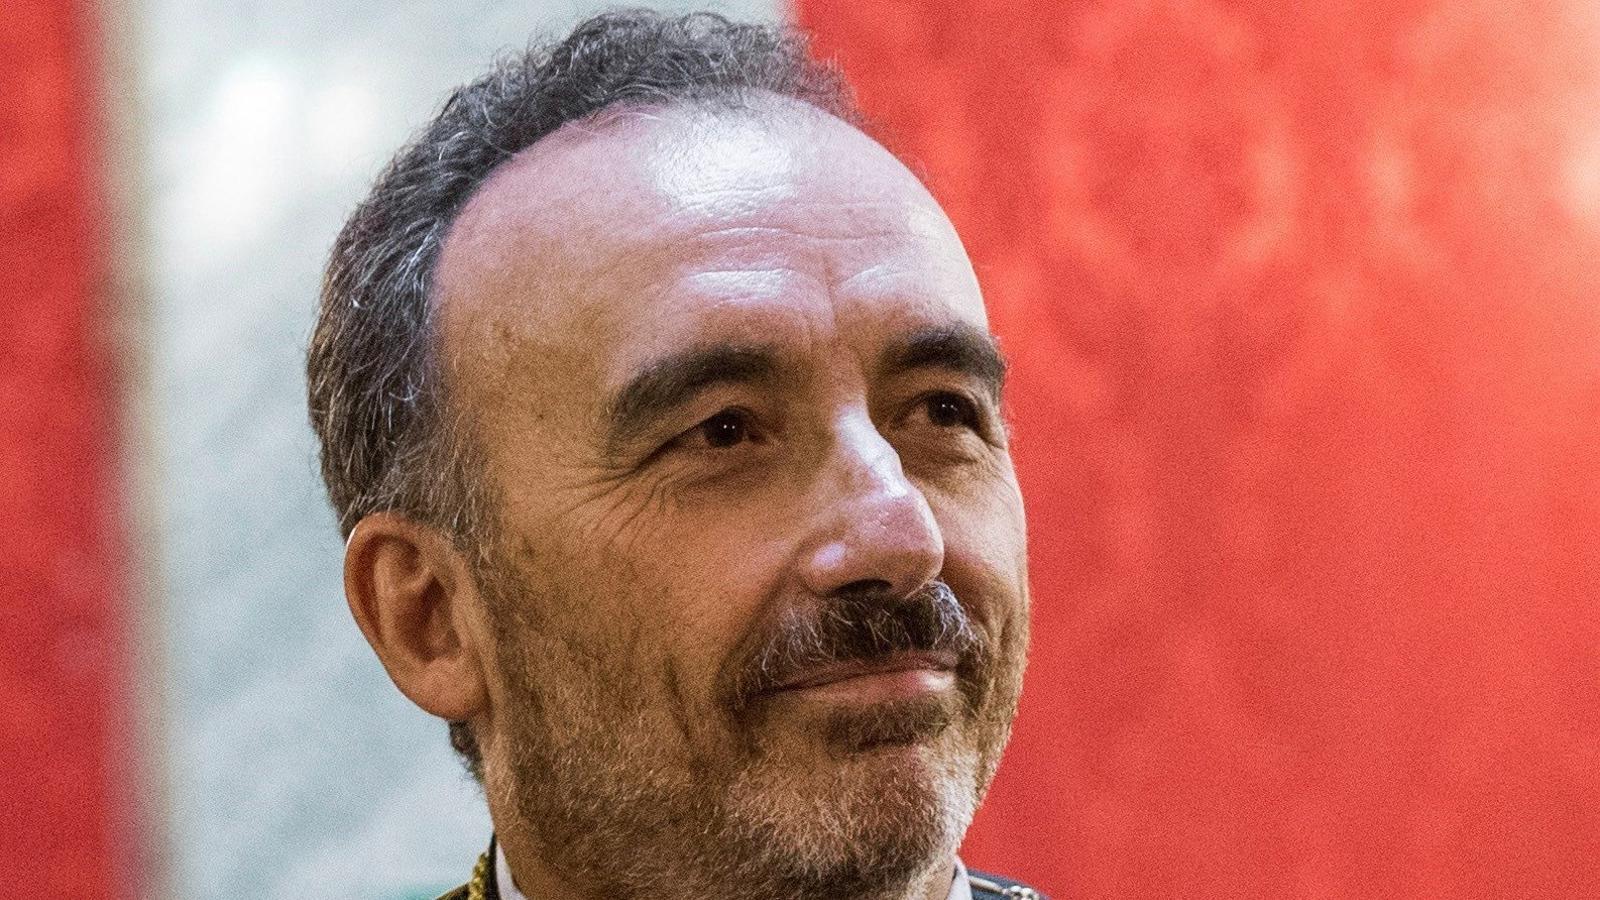 El magistrat Manuel Marchena, encara president del tribunal que jutjarà el Procés. La seva elecció com a president del CGPJ suposarà un canvi en el judici als presos polítics.